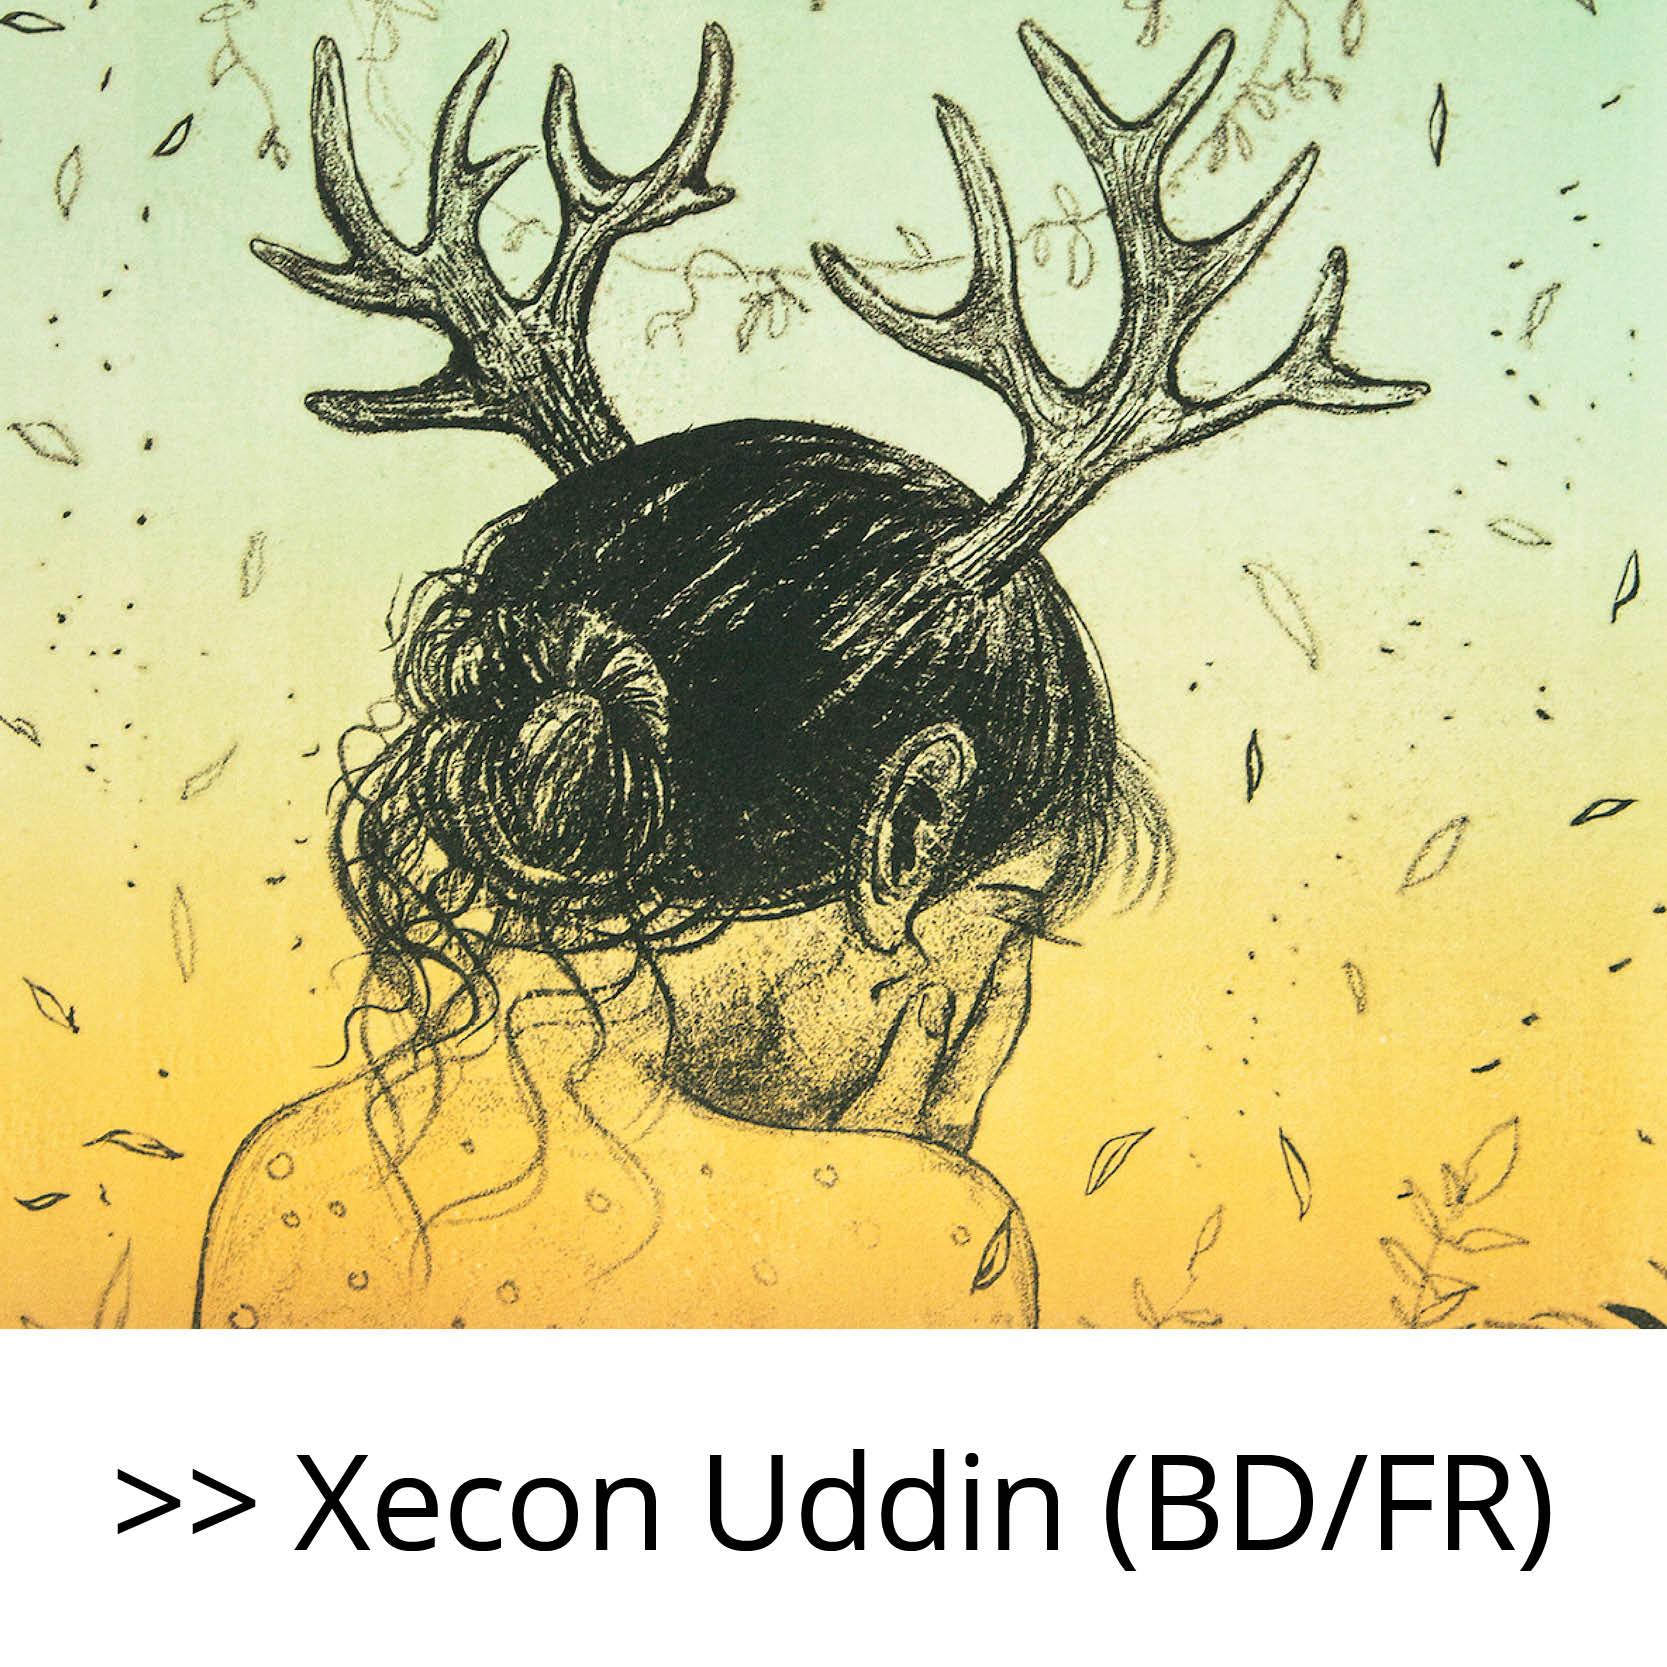 Xecon_Uddin_(BD_FR)2